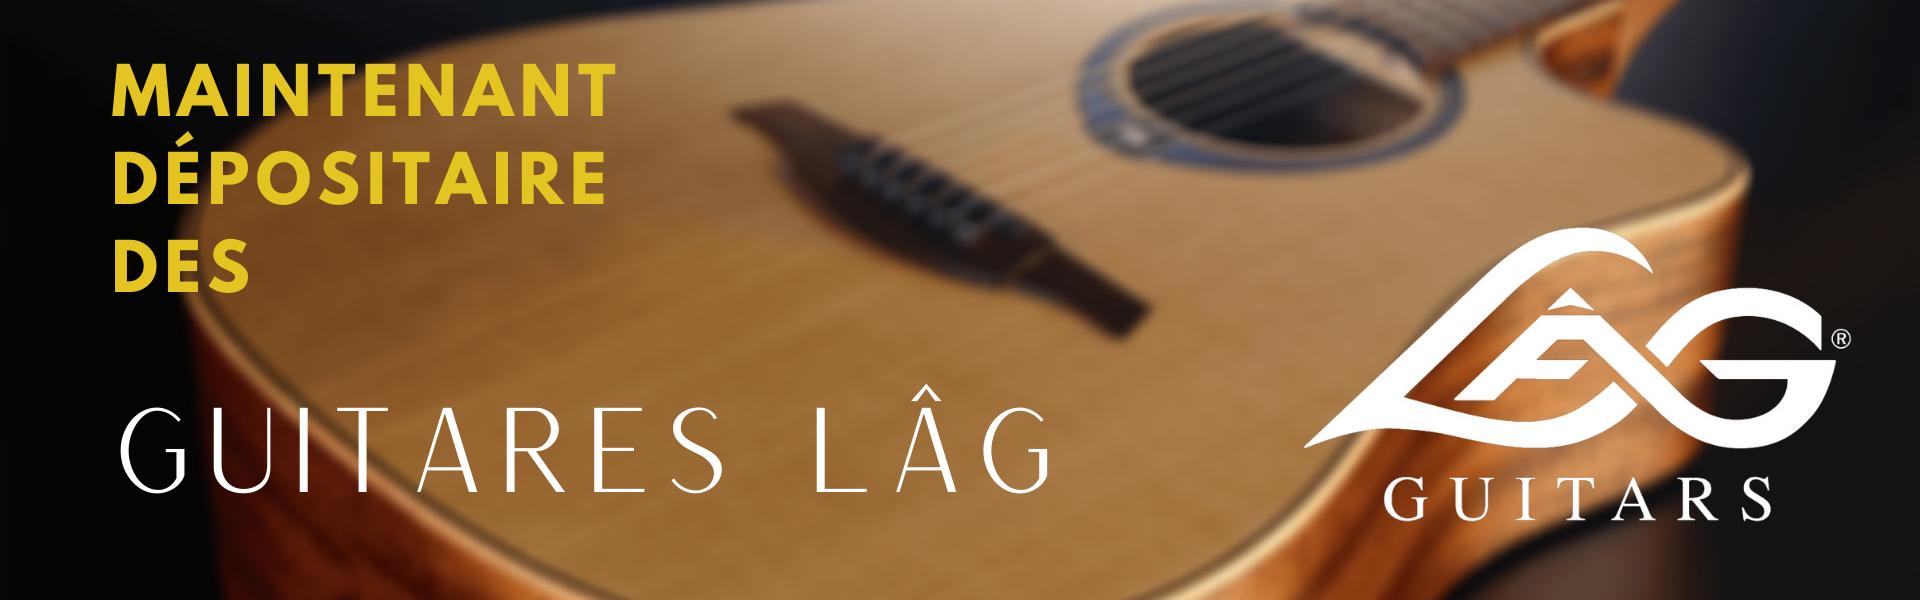 Dépositaire guitares LÂG